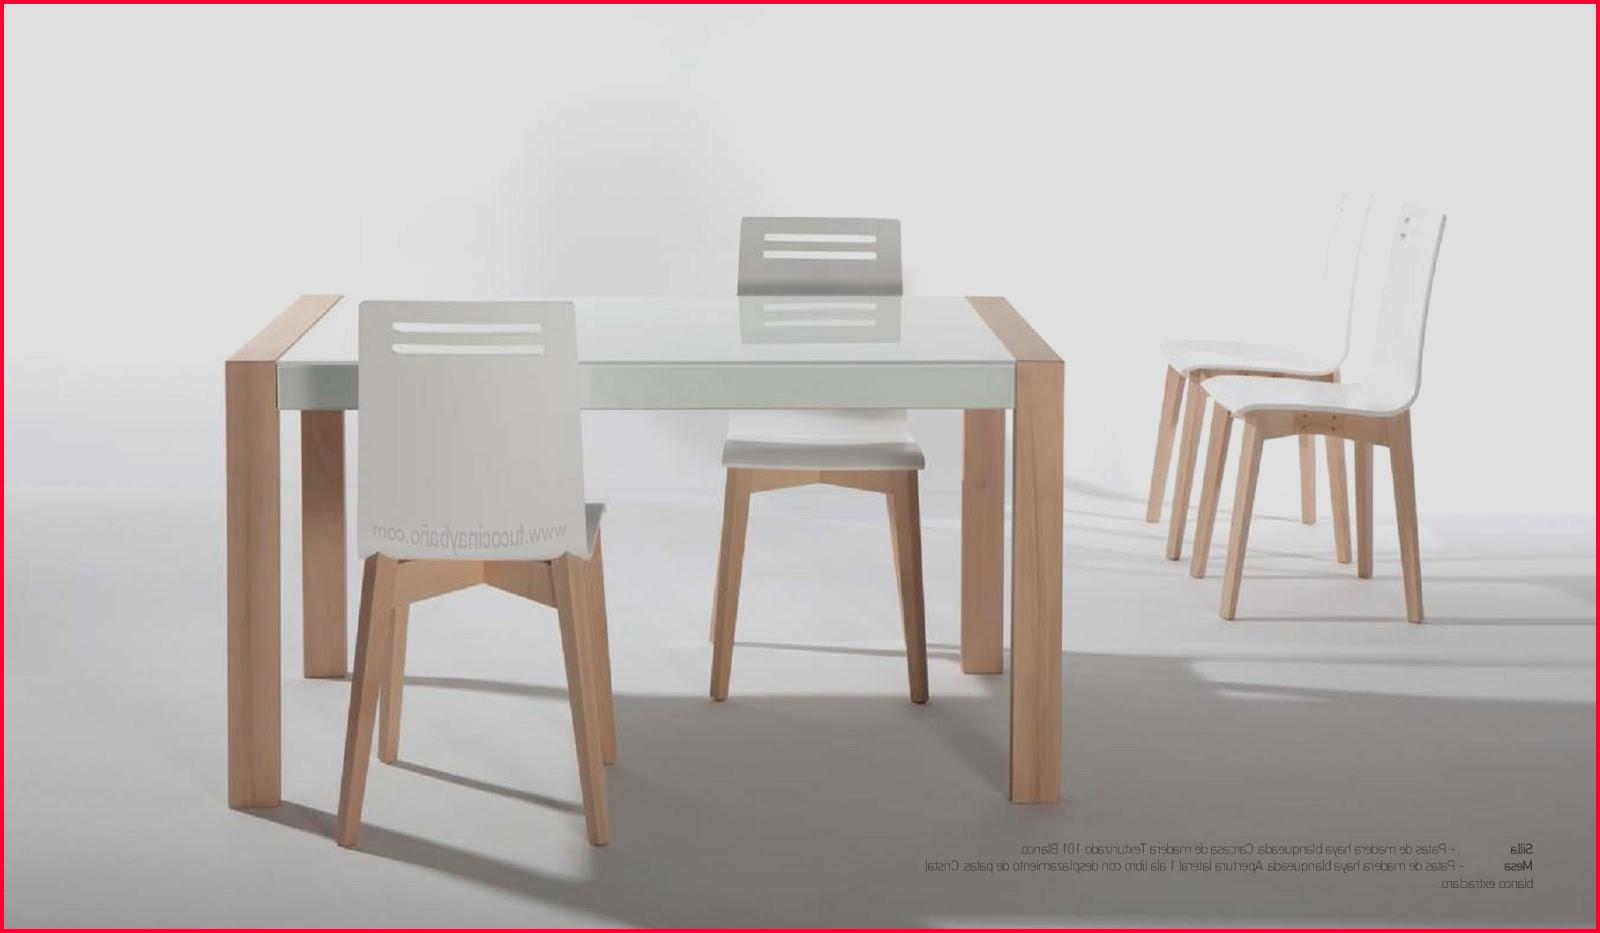 Ikea Sillas Cocina Ipdd Mesas Y Sillas Ikea Ikea Sillas Cocina Decoracià N